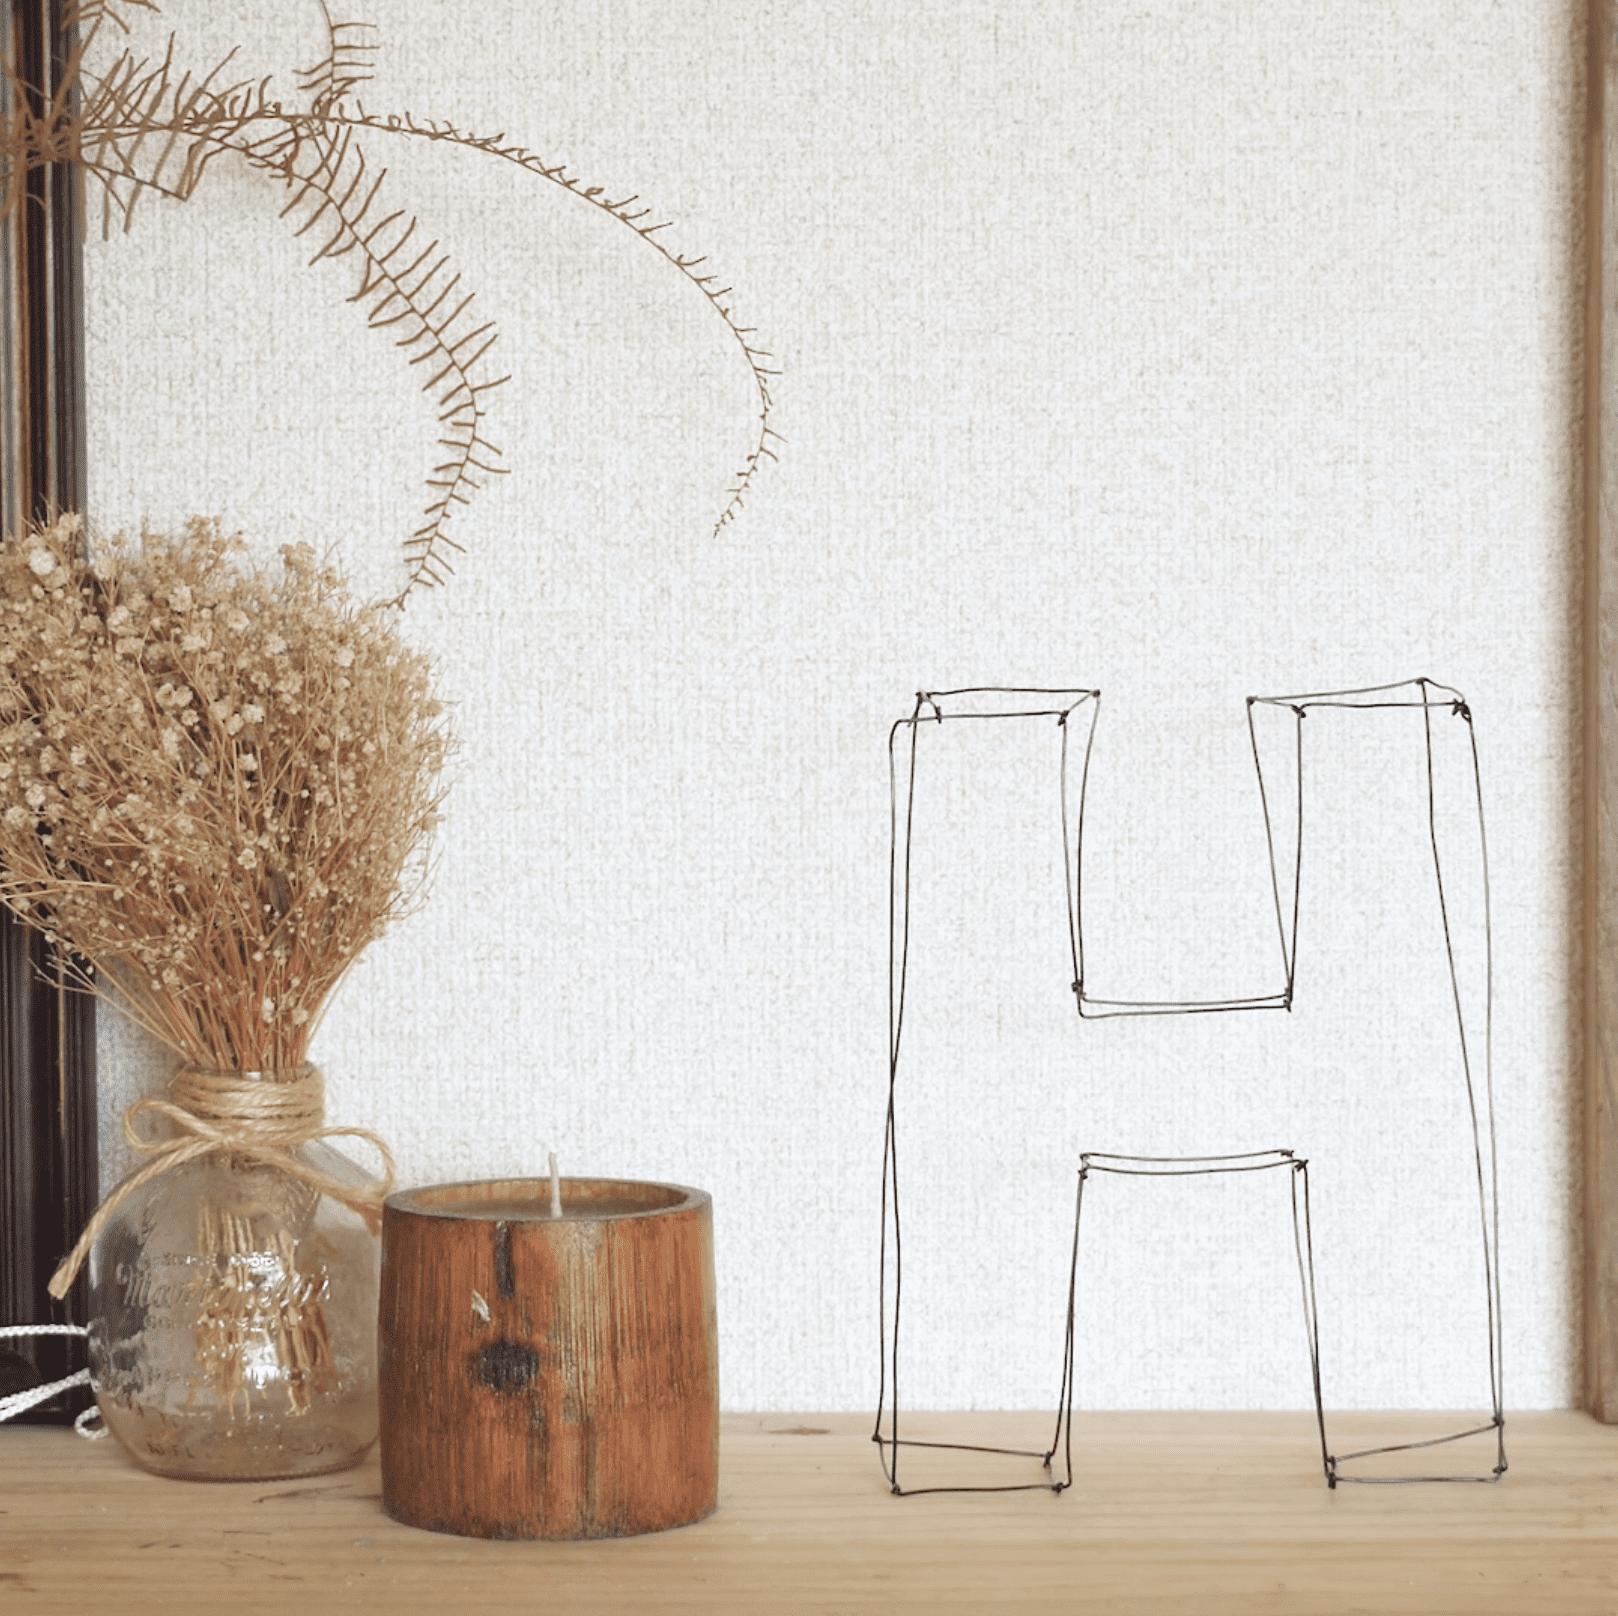 【インテリアDIY】手作りワイヤーアイテムでお部屋を彩ろう